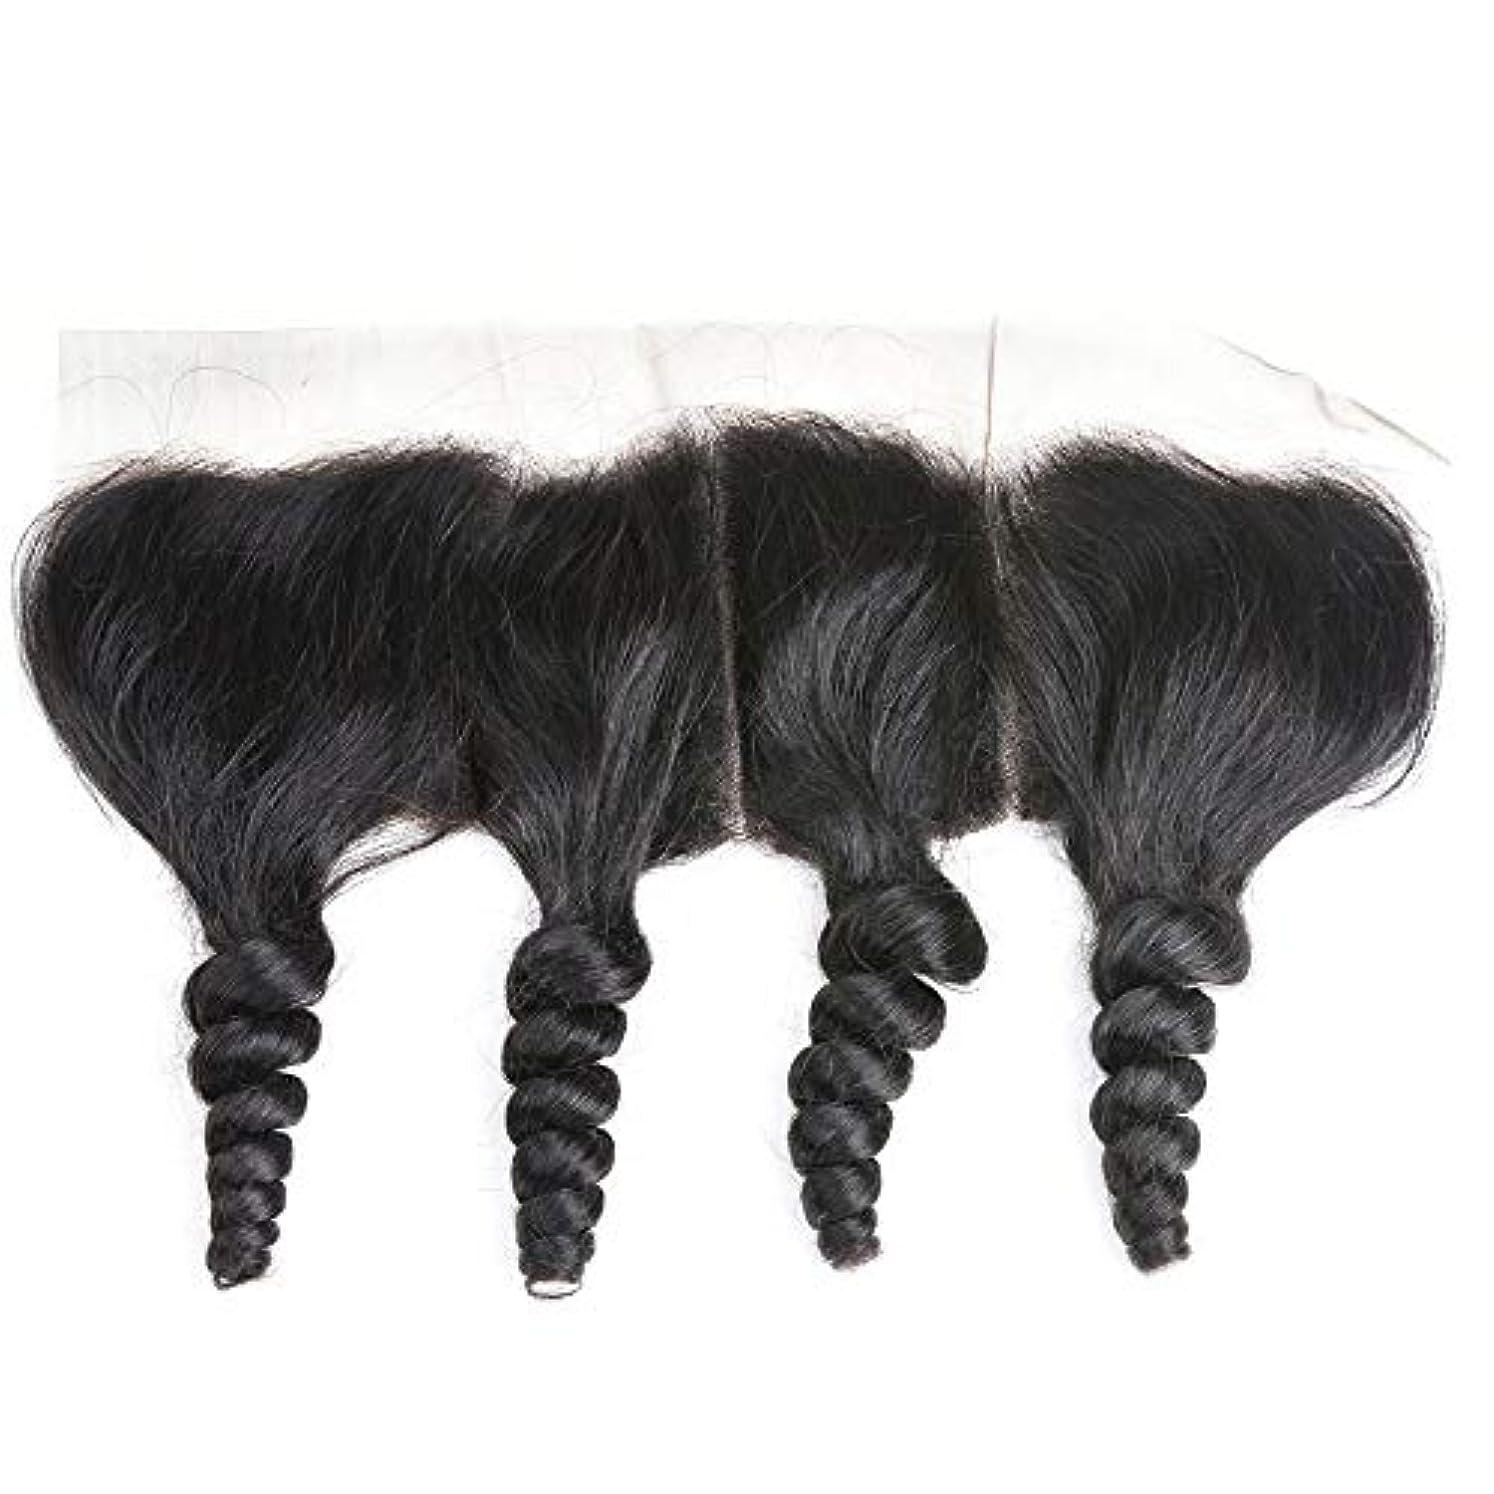 電子レンジスペインタイルWASAIO ブラジルの人間の髪の毛のレースの正面閉鎖ルーズウェーブ13 x 4インチレース閉鎖自然色 (色 : 黒, サイズ : 10 inch)